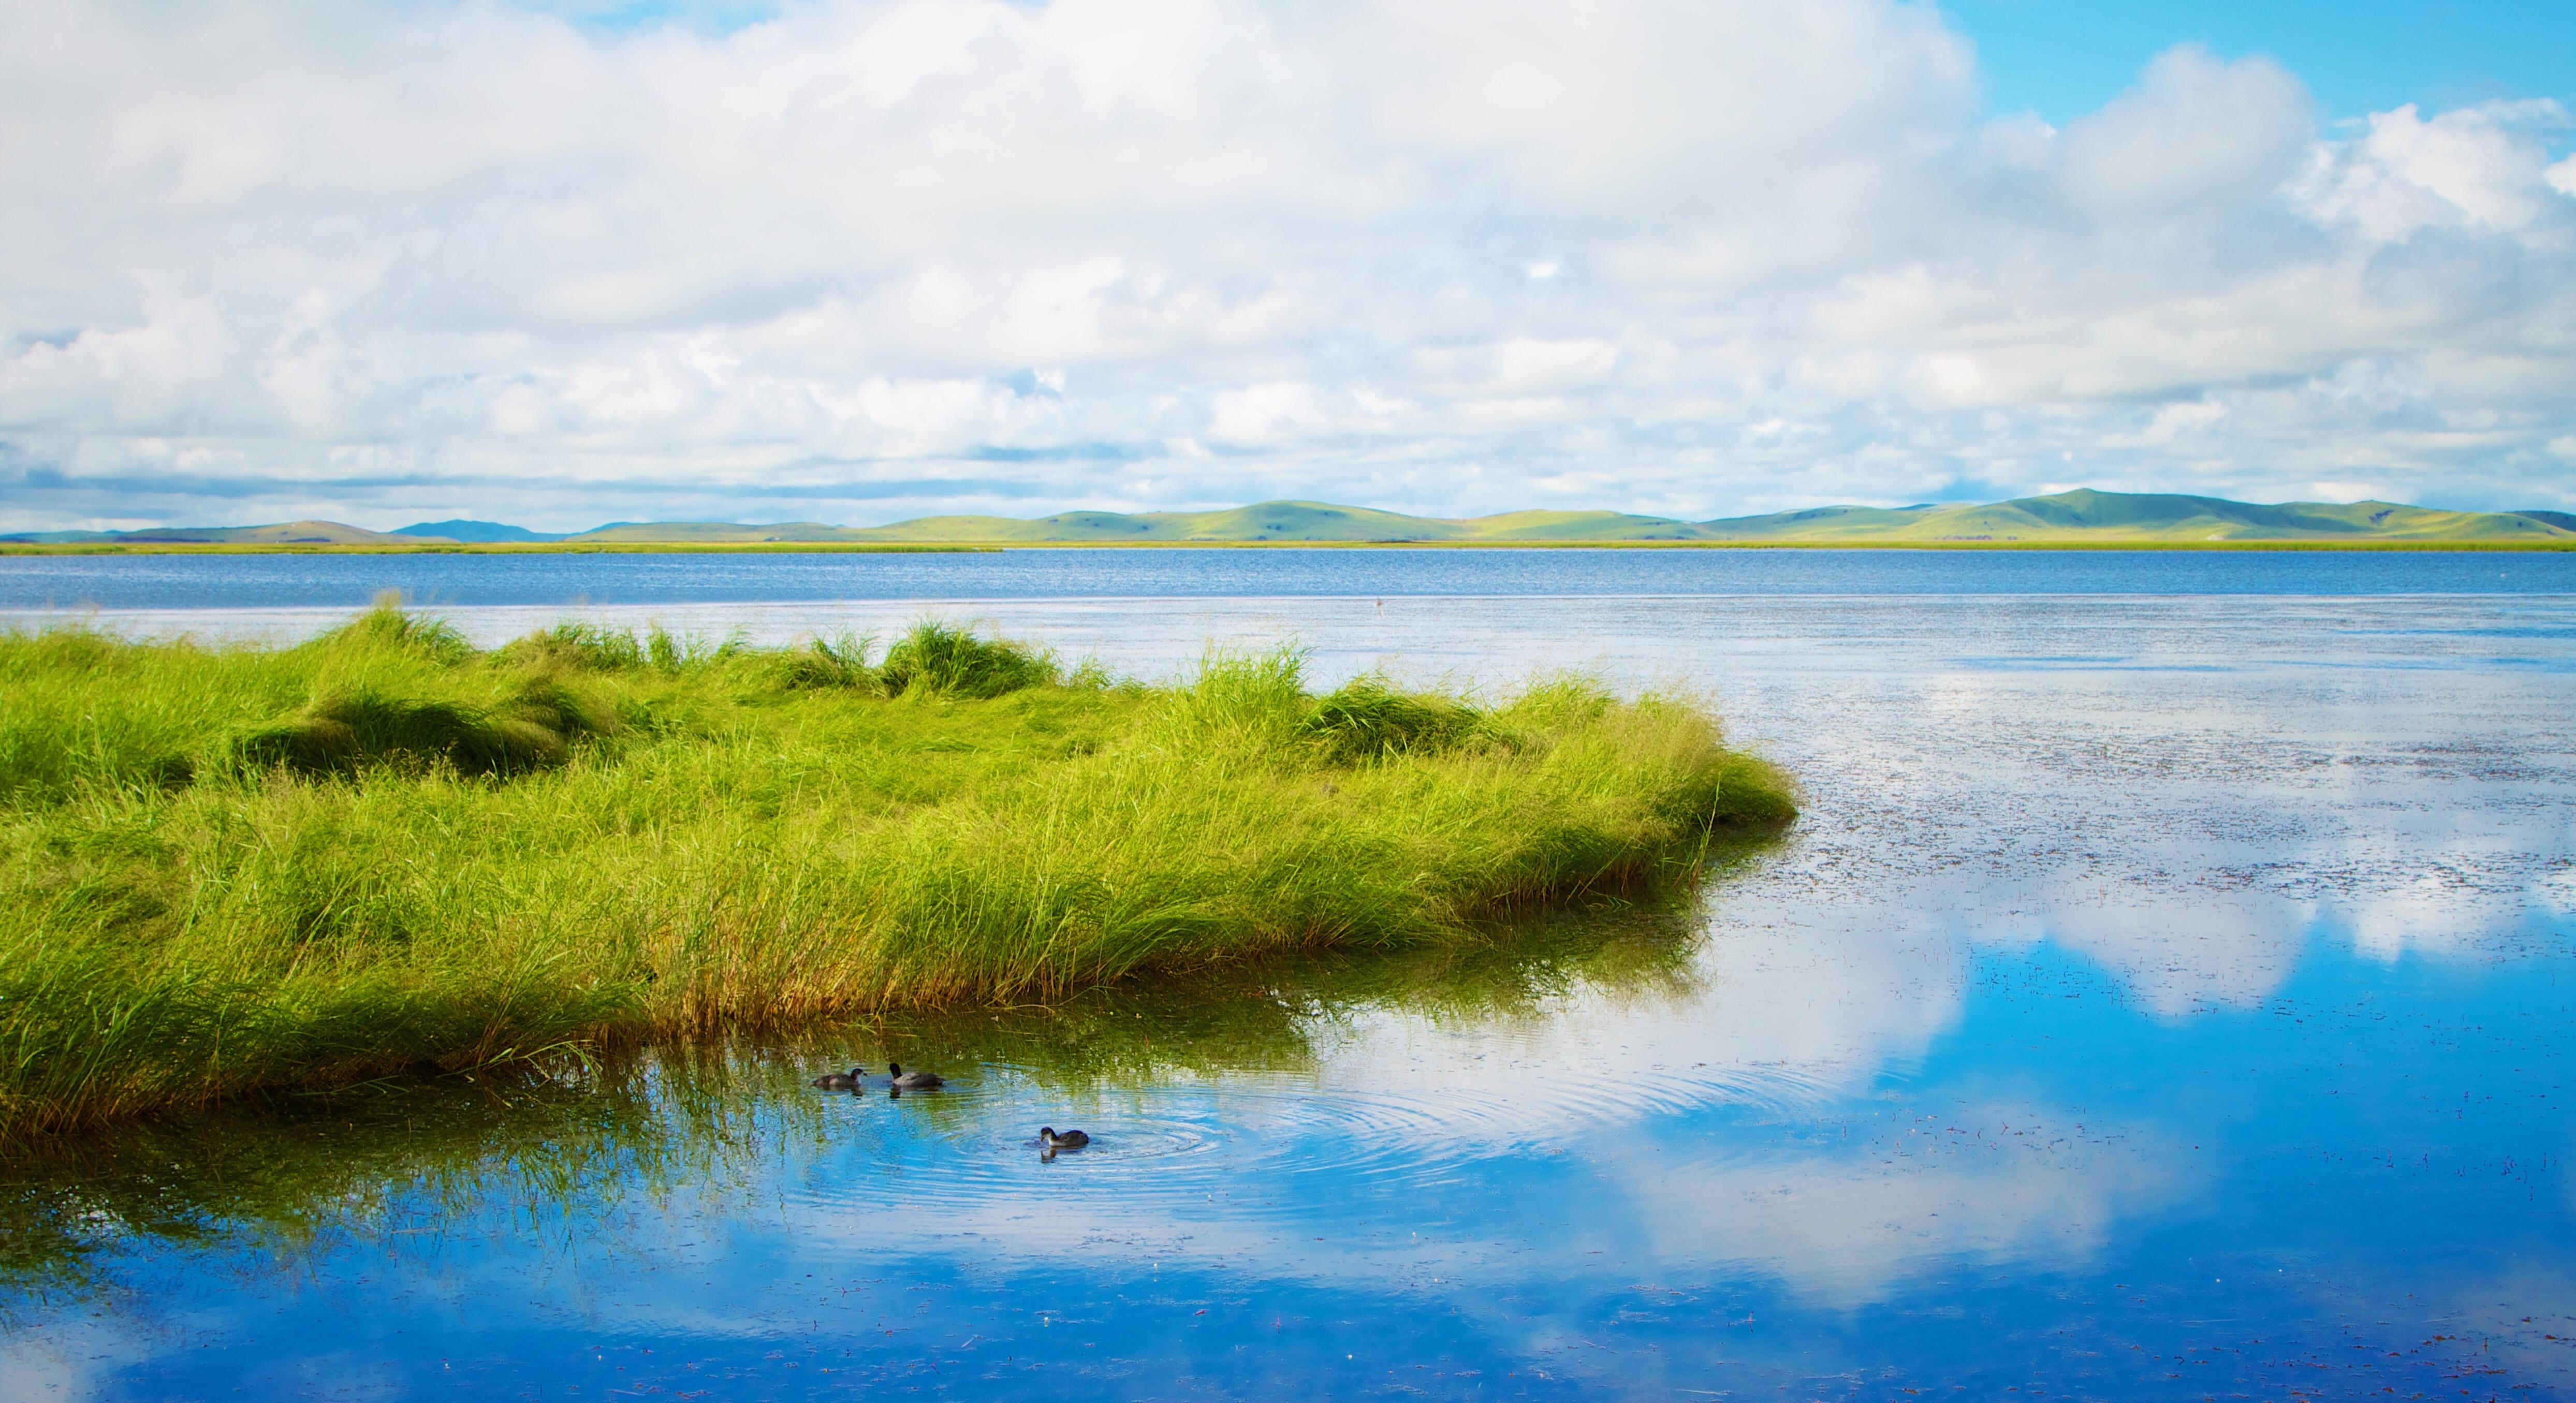 тем картинки небо трава вода виду очень прост